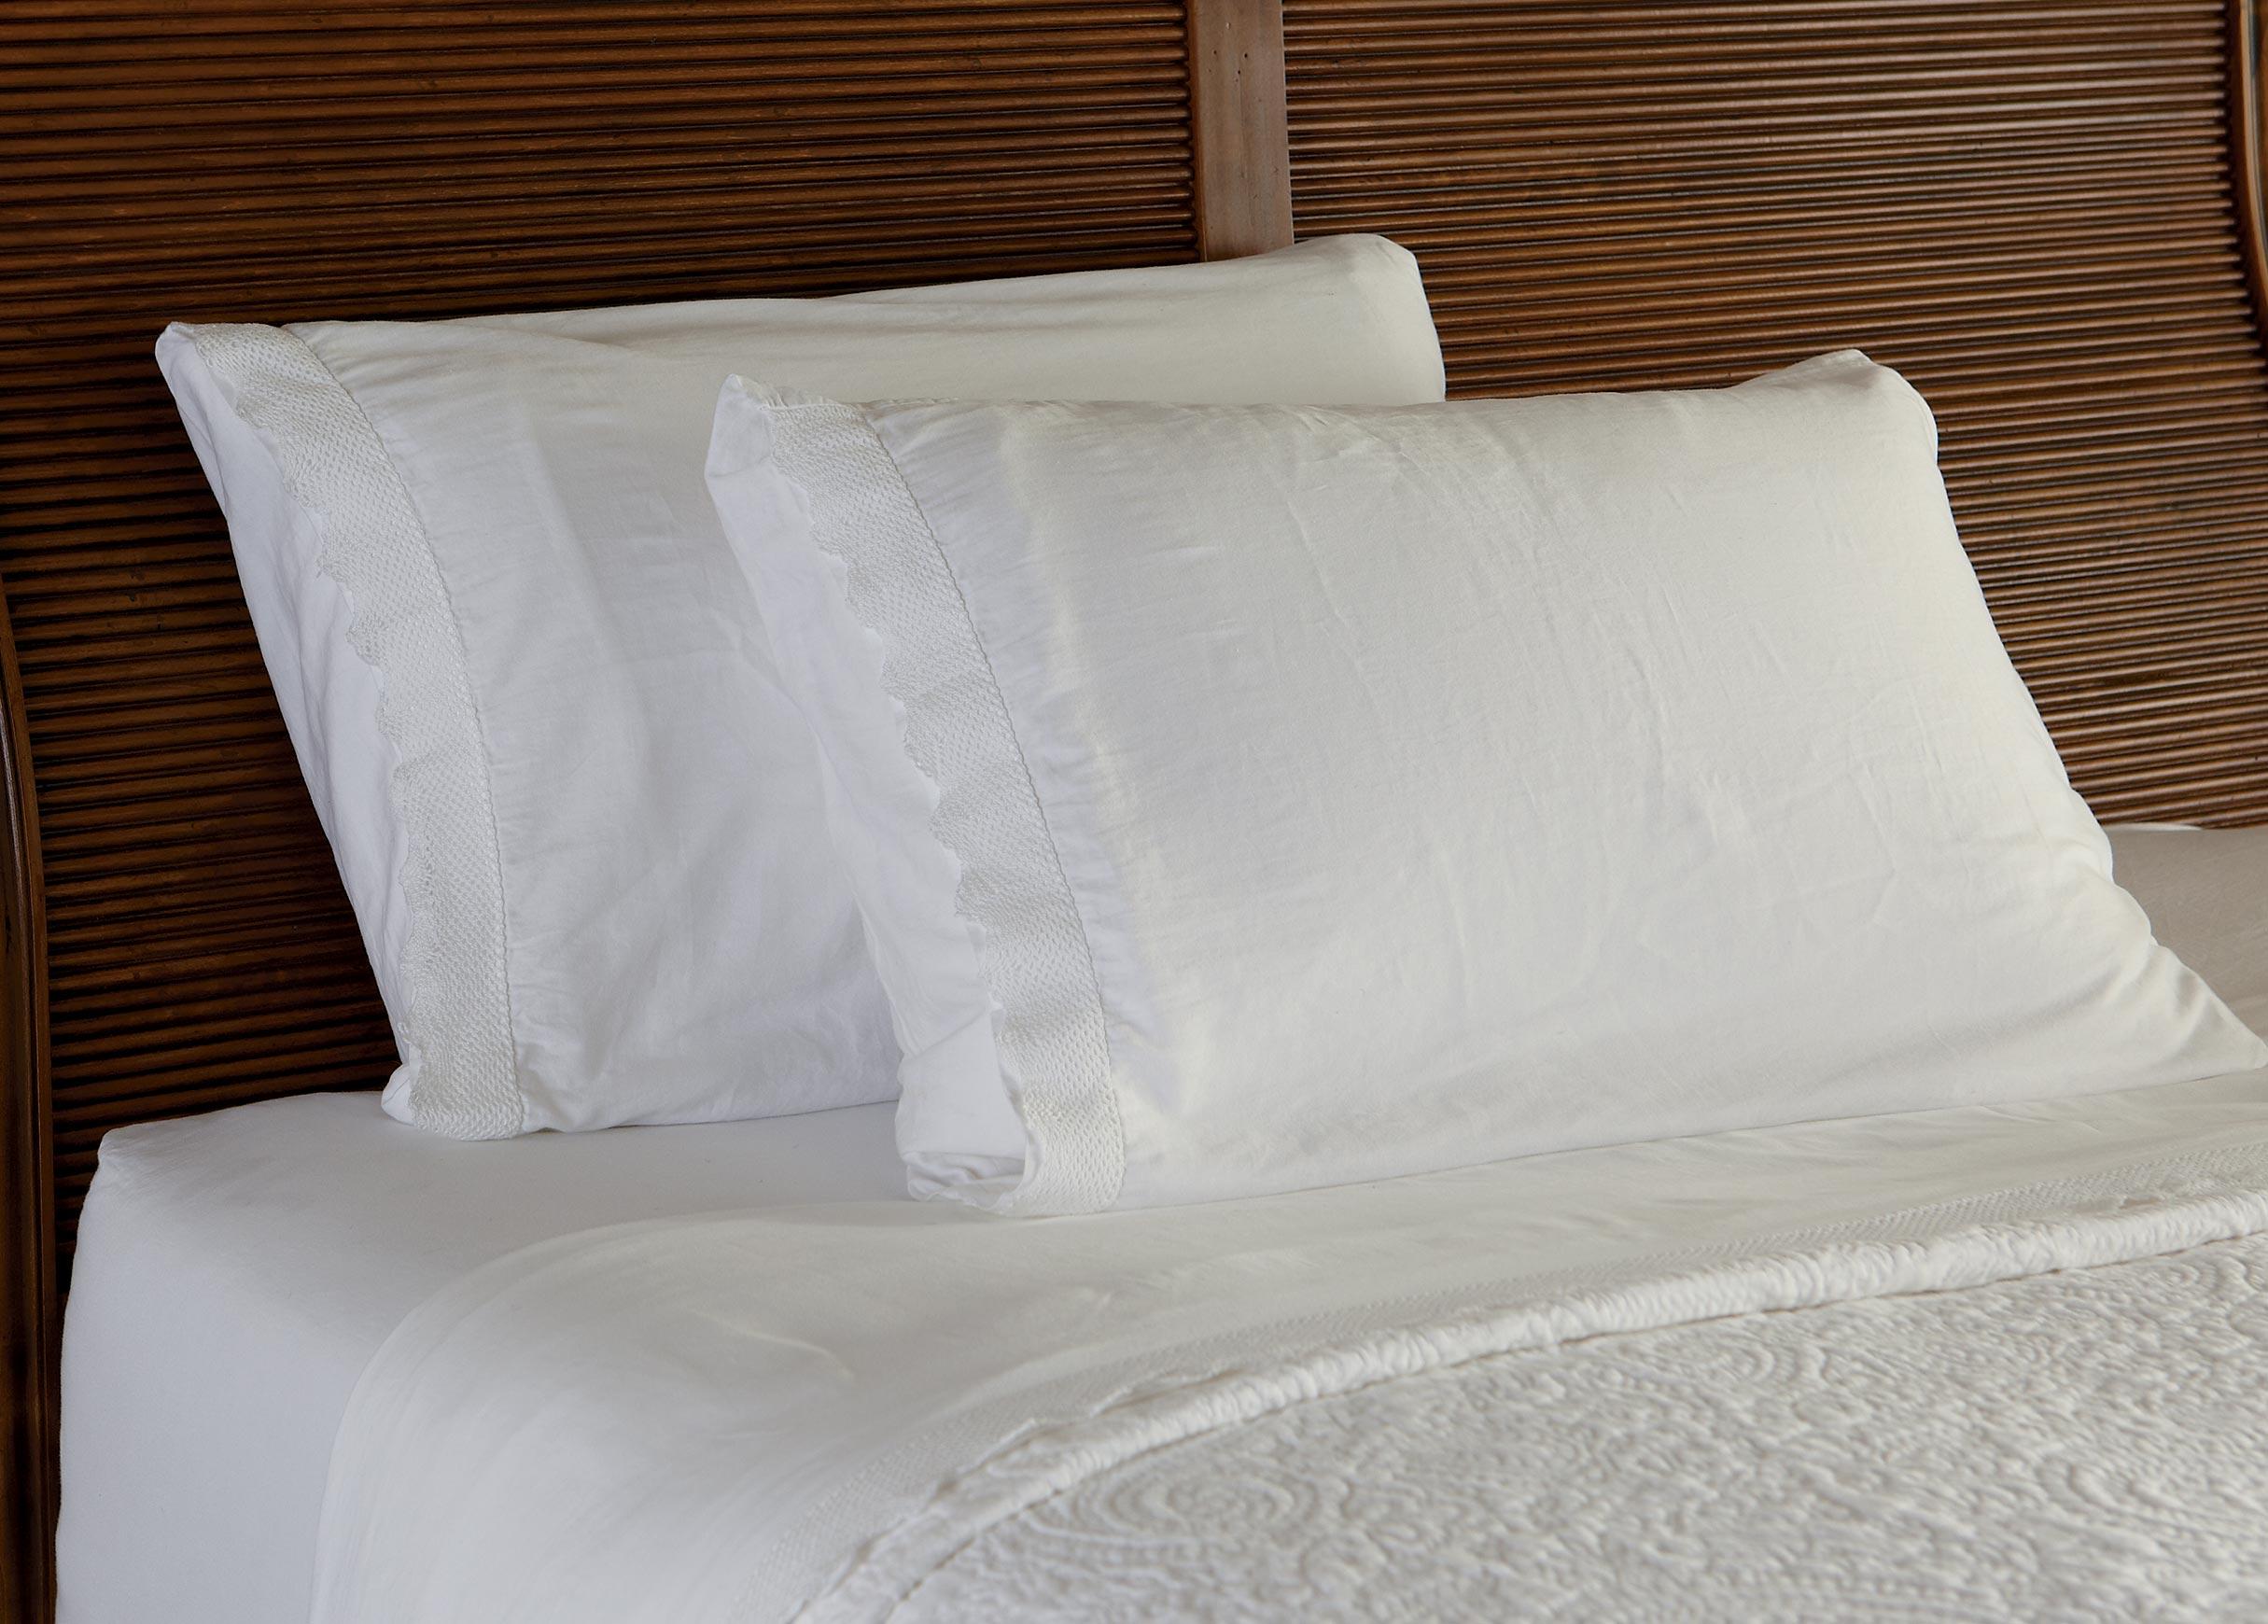 Stonewashed Lace Edge Sheet Set Sheets Bedskirts